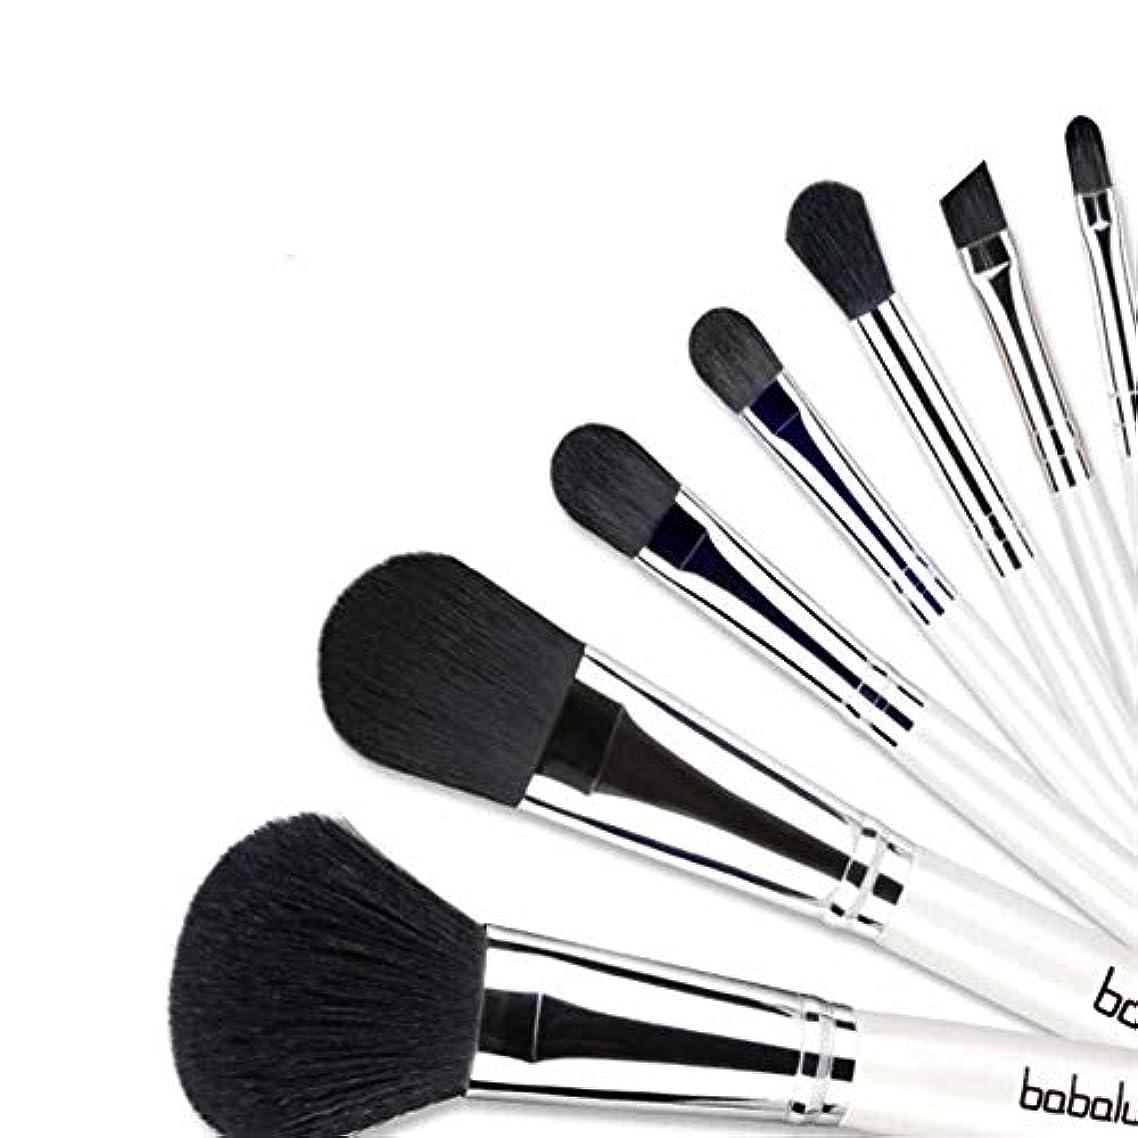 シソーラス本土テレマコスTUOFL メイクブラシは、7パックメイクブラシセット、初心者のプロフェッショナルツール用のチューブに取り付けられたメイクブラシ、ソフト剛毛は、三次元の美しさ、黒、白の概要 (Color : White)